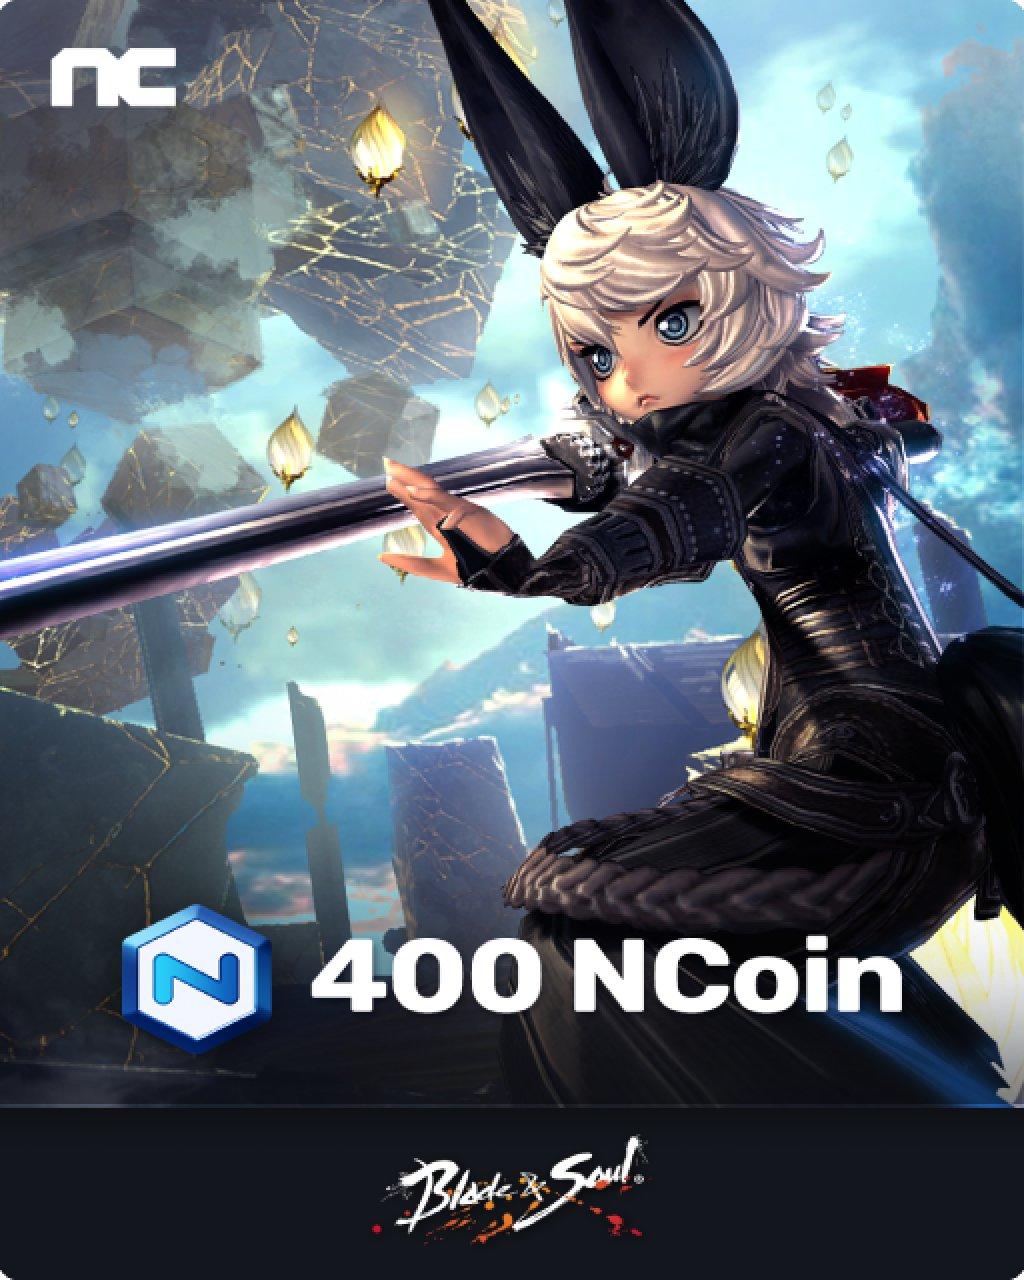 NCoin 400